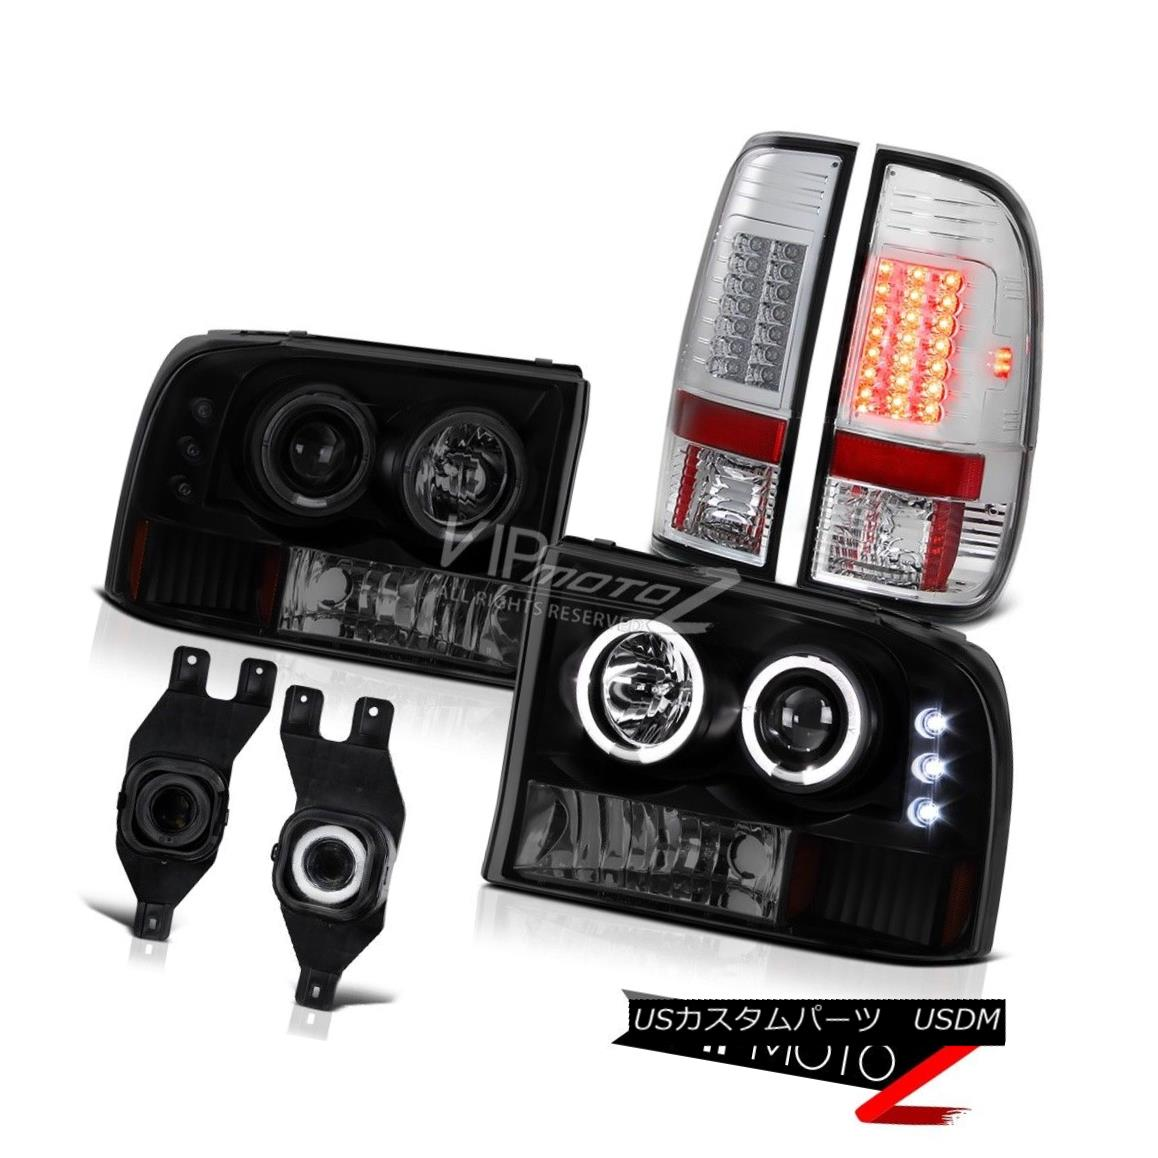 ヘッドライト CCFL Tech. Headlight Taillights Projector Foglamp Ford F250 F350 F450 Diesel 4X4 CCFL Tech。 ヘッドライトテールライトプロジェクターFoglamp Ford F250 F350 F450ディーゼル4X4